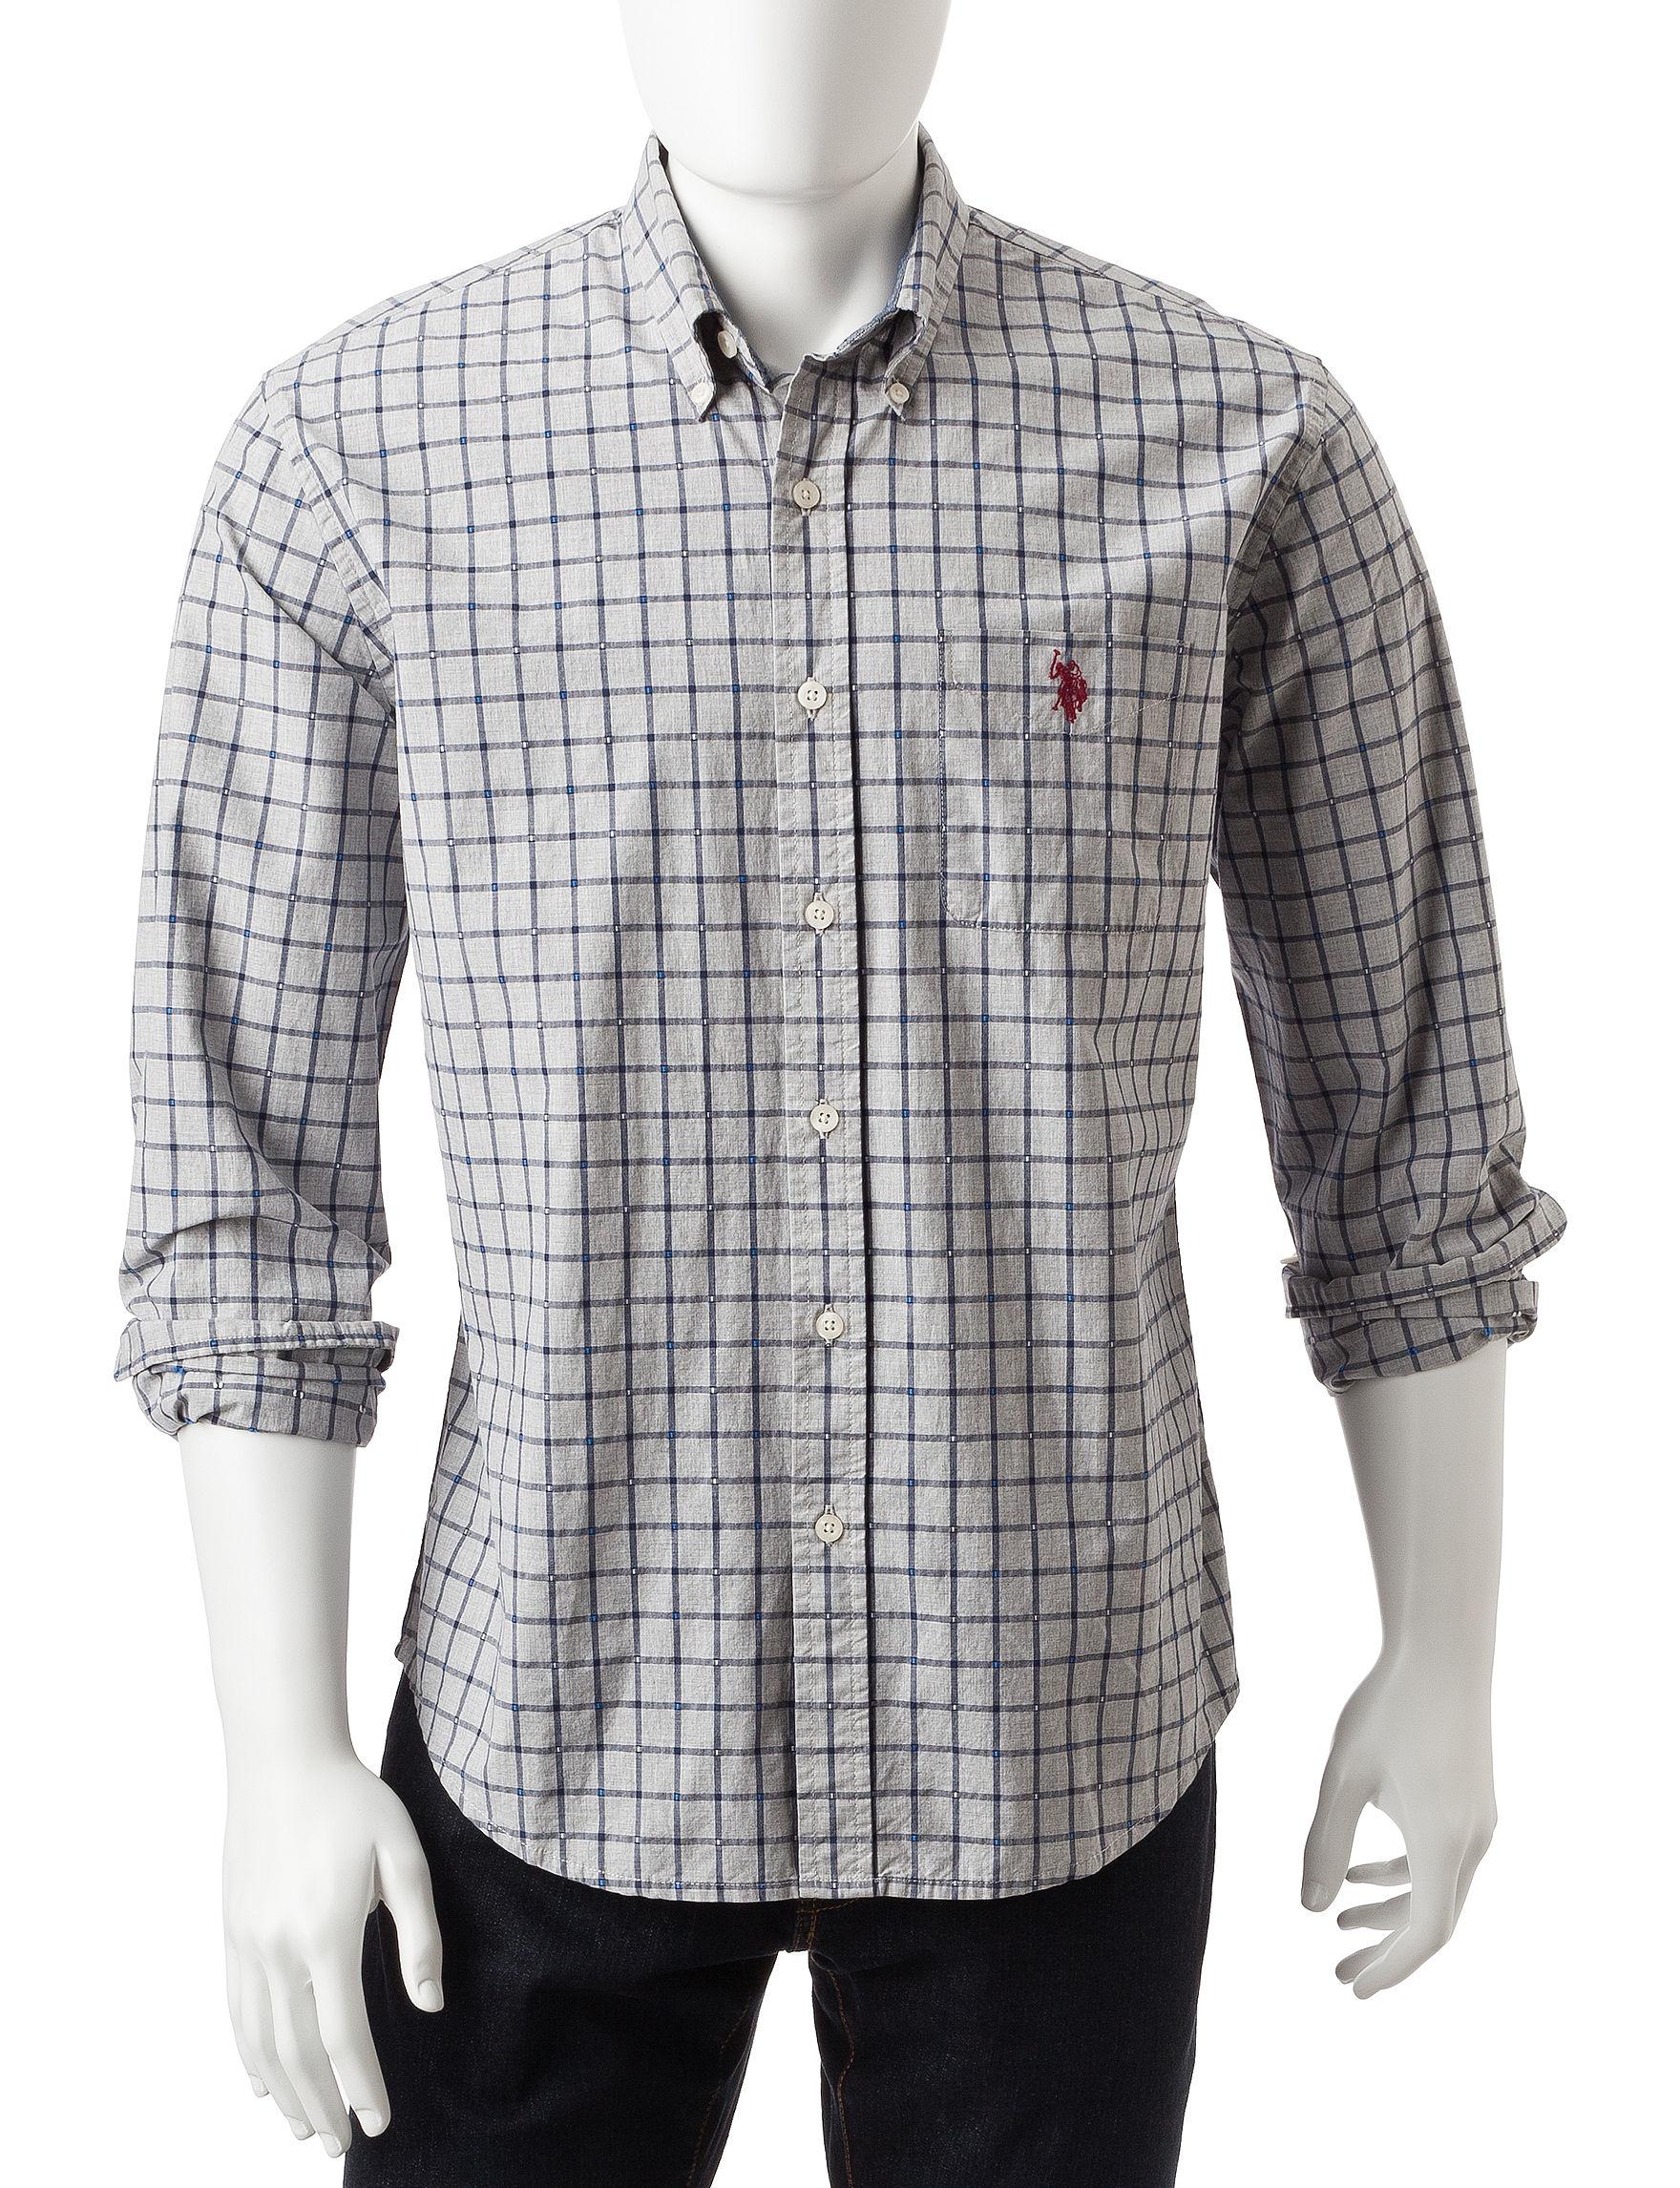 U.S. Polo Assn. Grey Casual Button Down Shirts Classic